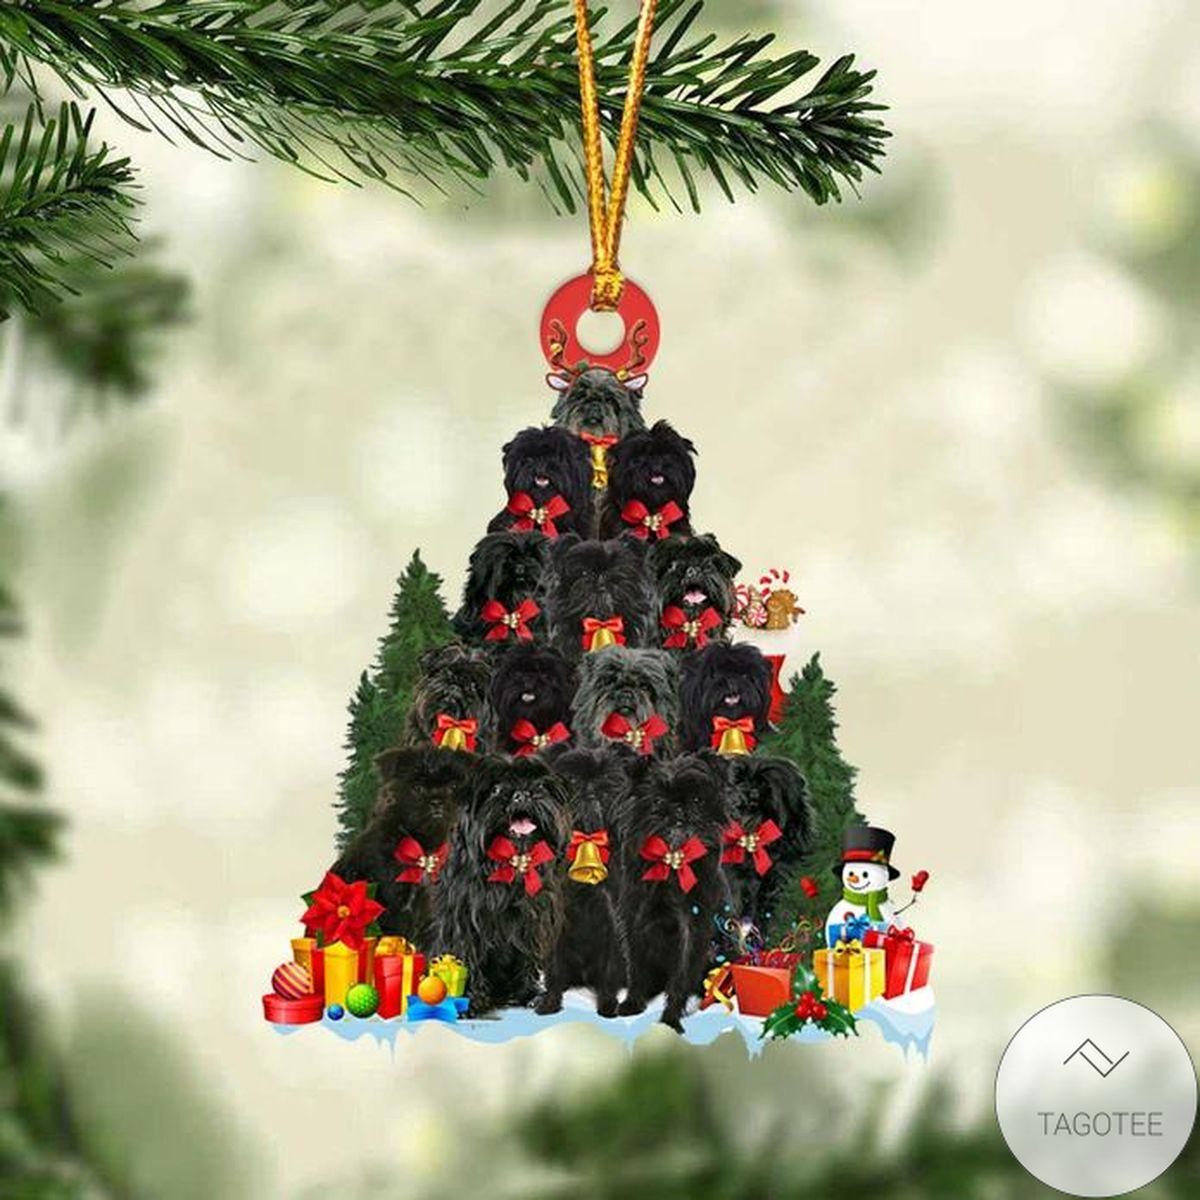 Affenpinscher Dog Christmas Tree Ornament